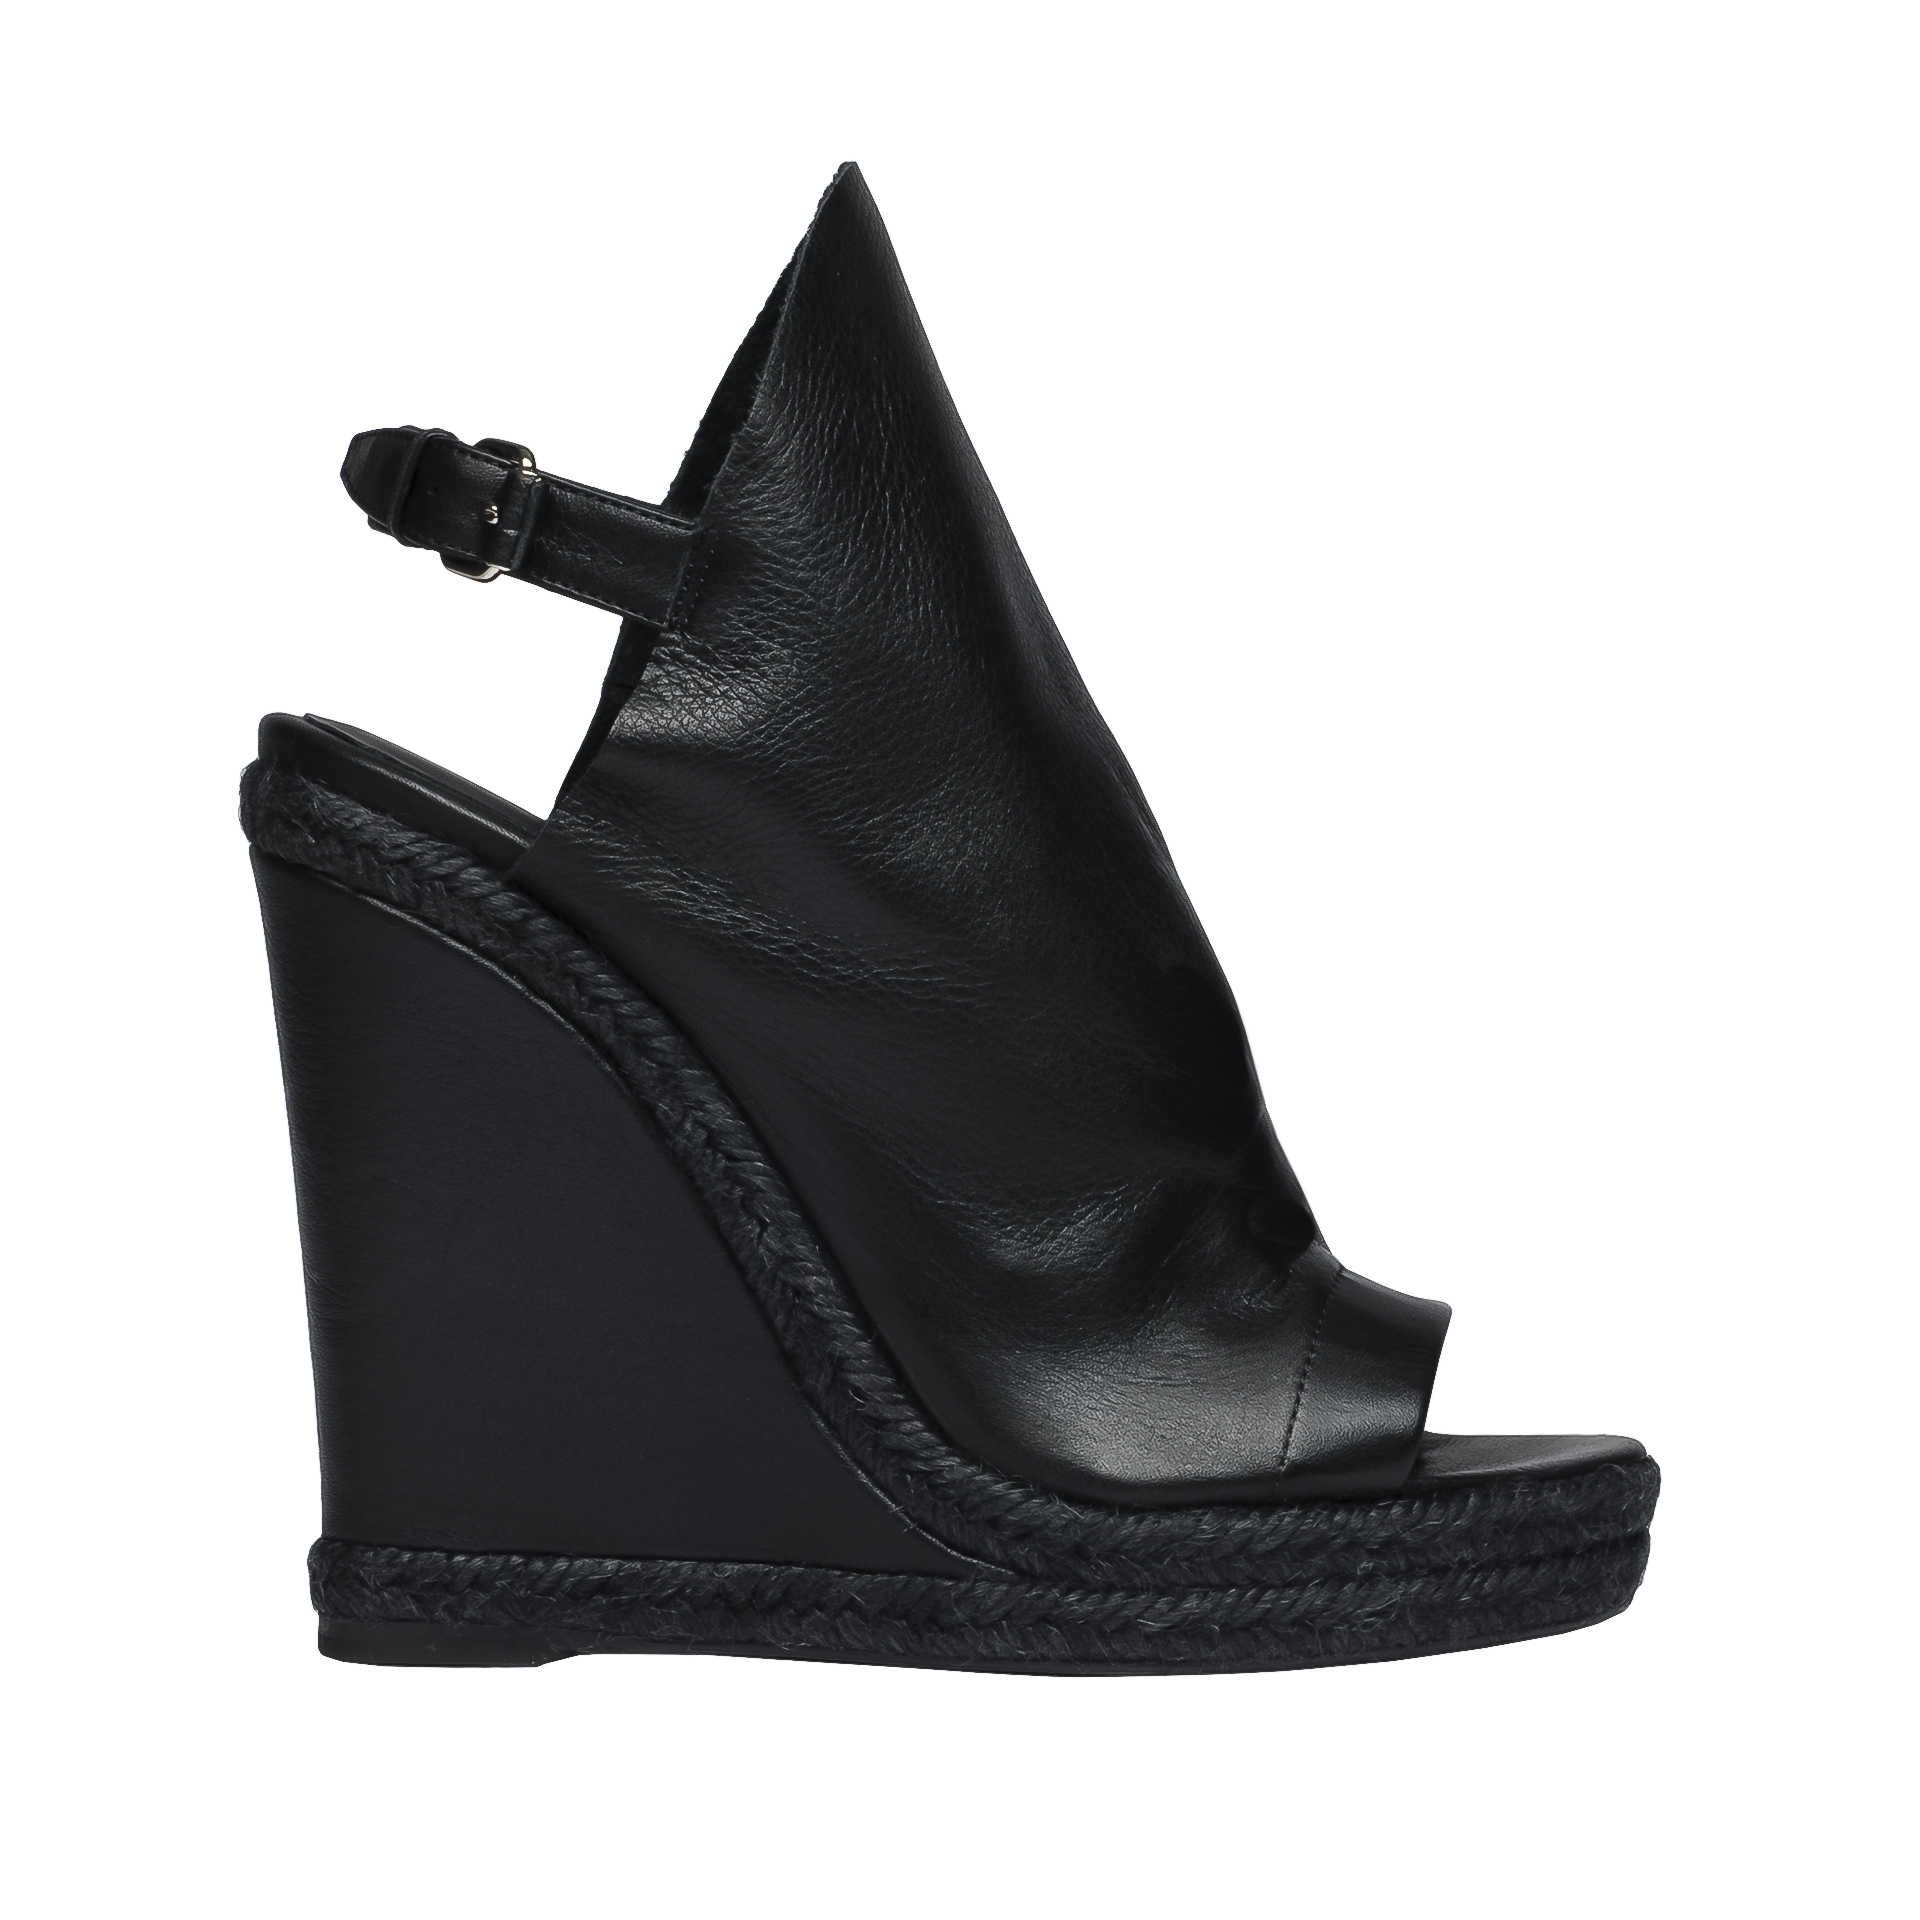 856d1111a317 Black Balenciaga Glove Espadrille Wedge Sandals - Womens Gifts - Balenciaga